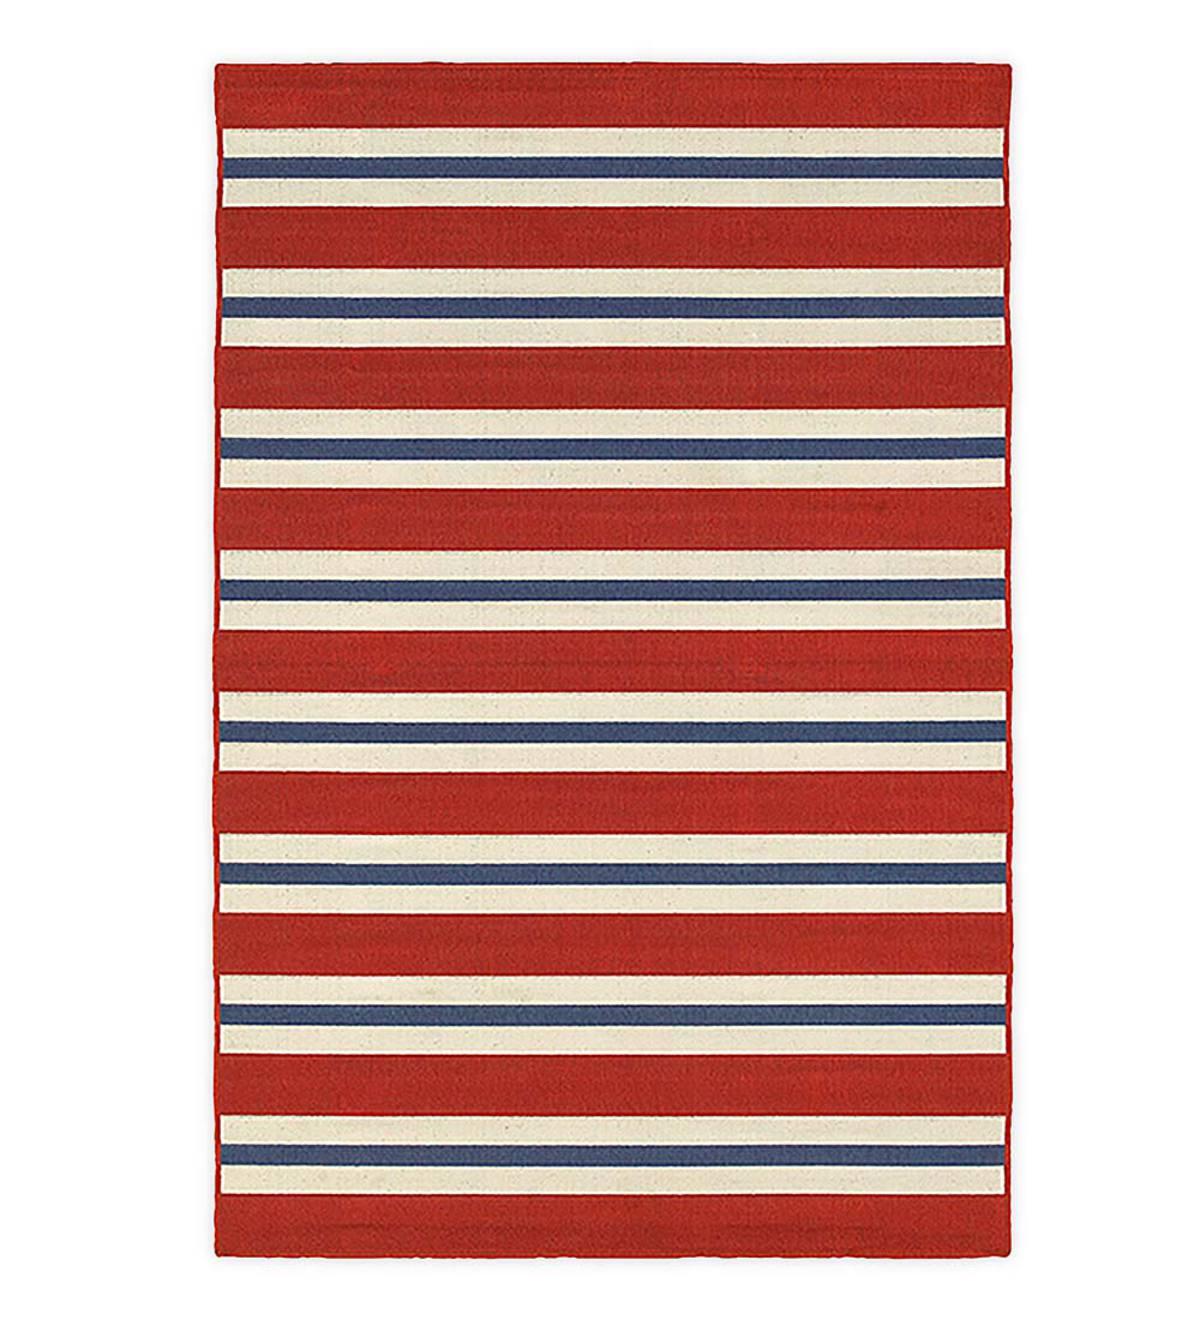 Lexington Red Stripe Rug 7 10 X 10 10 Plowhearth